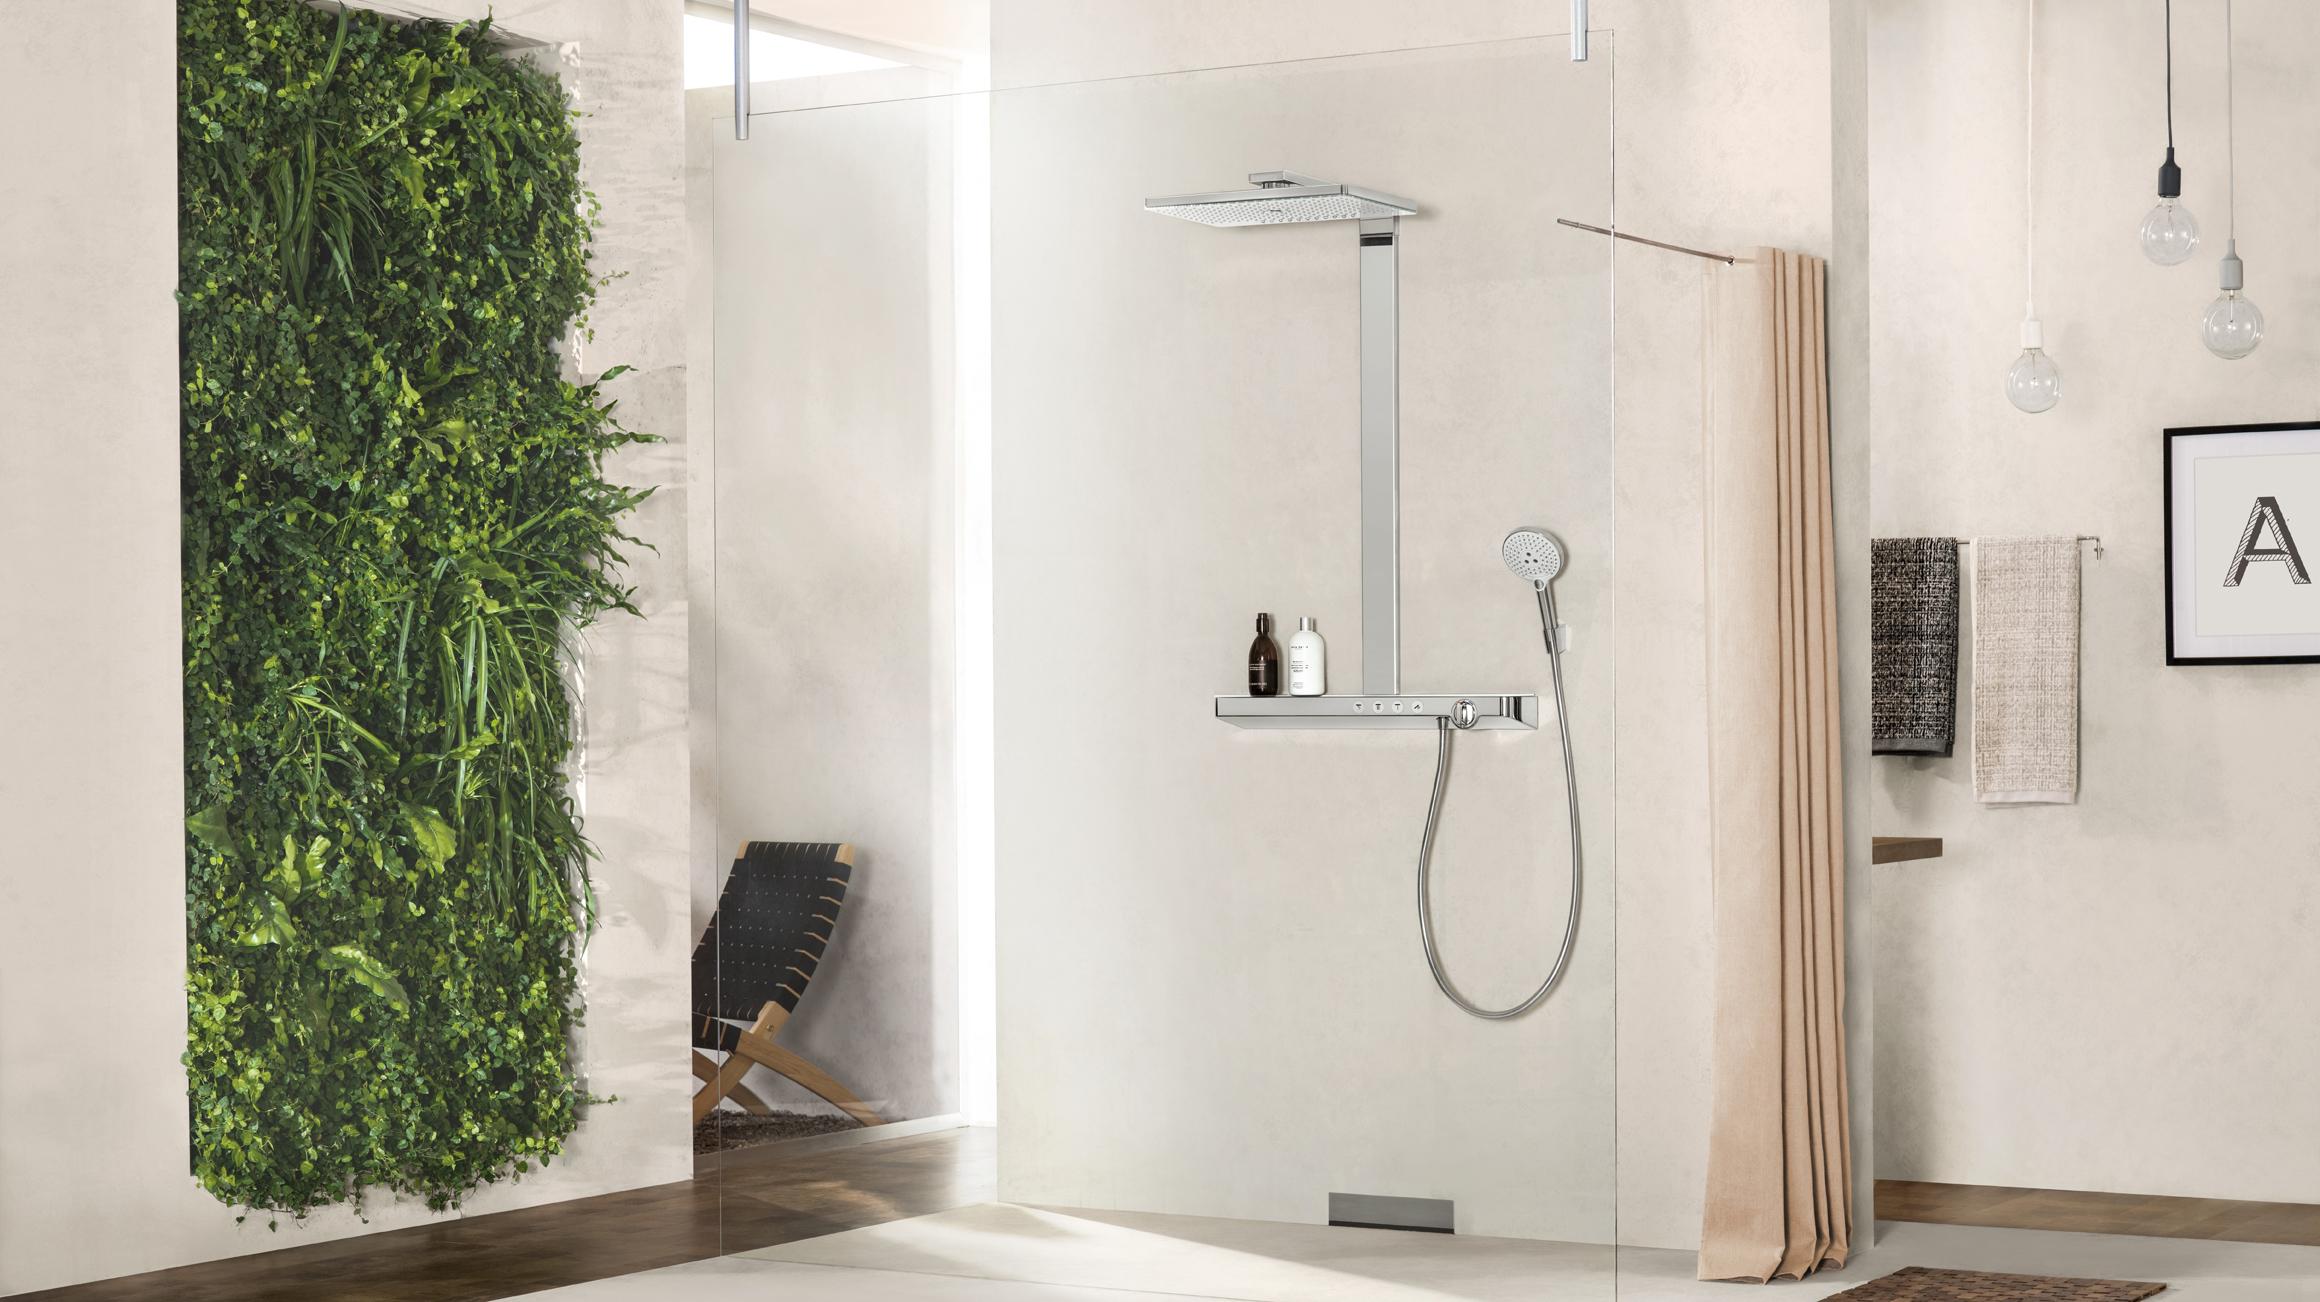 Bagni Moderni Con Doccia : Bagno moderno con soffione doccia per un piacere dell acqua totale